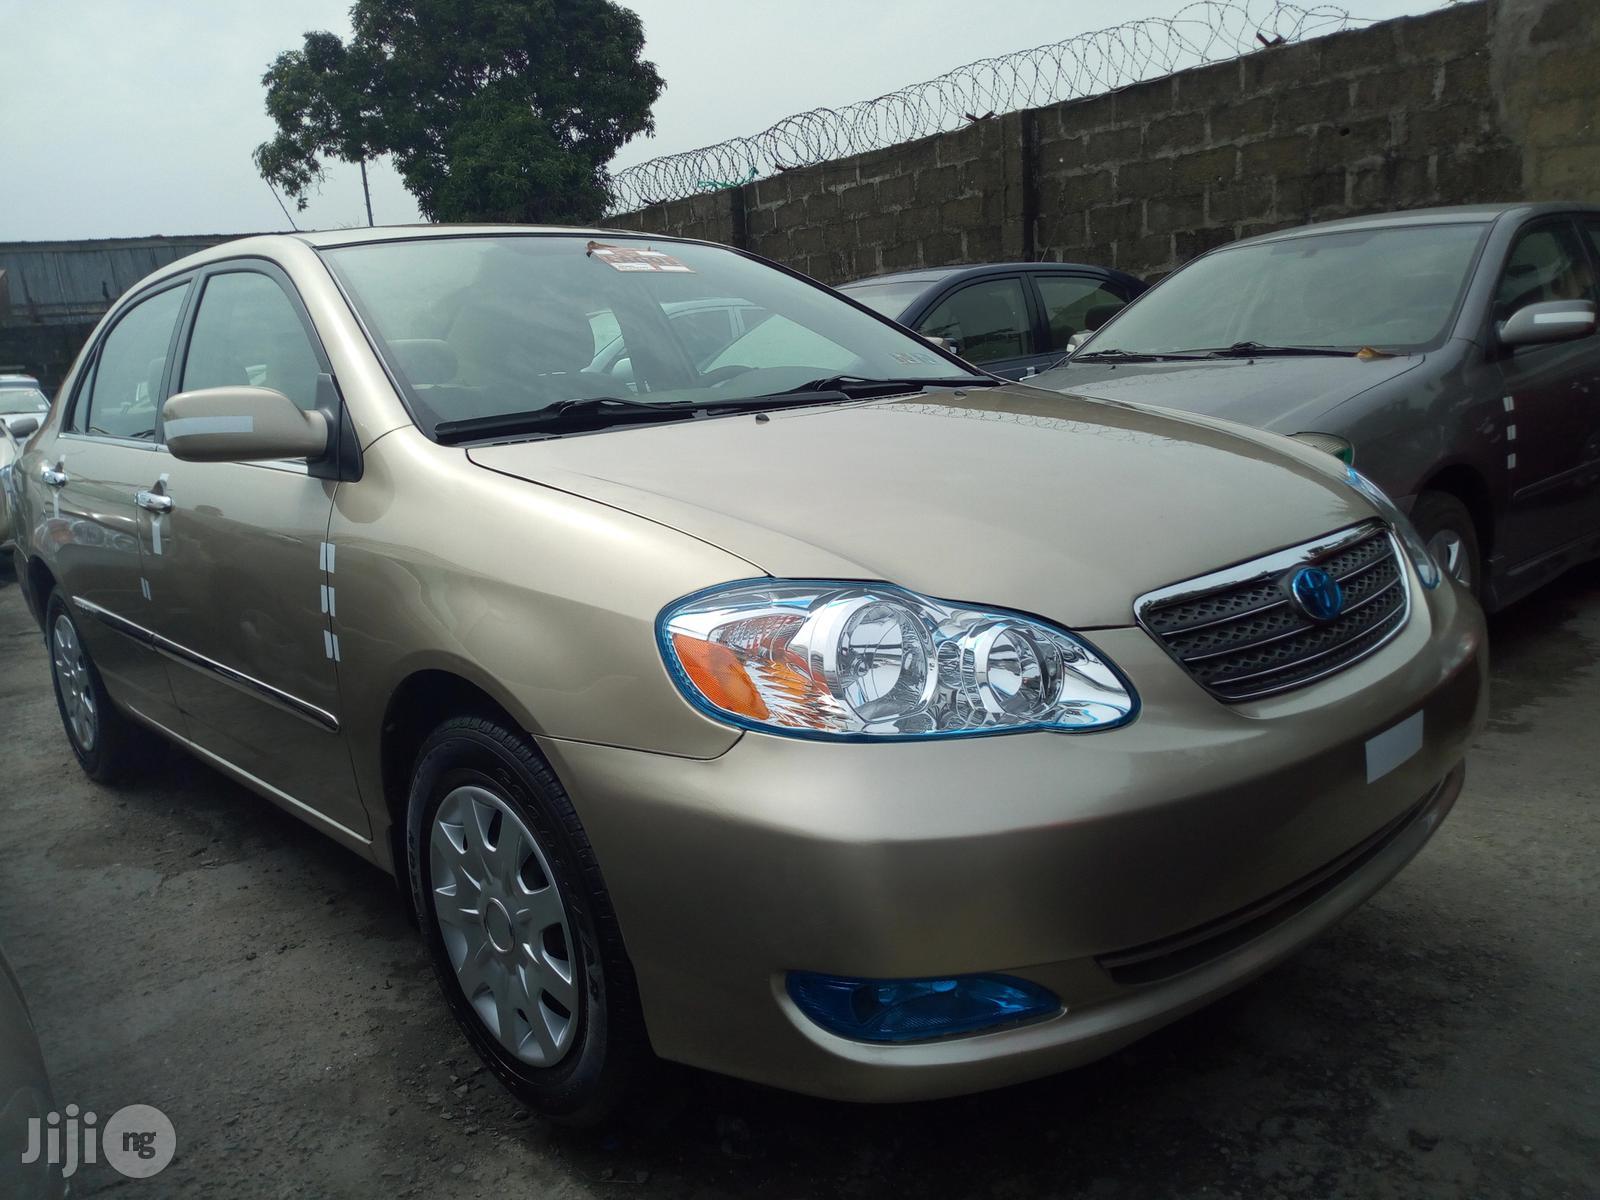 Kelebihan Kekurangan Toyota Corolla 2008 Harga